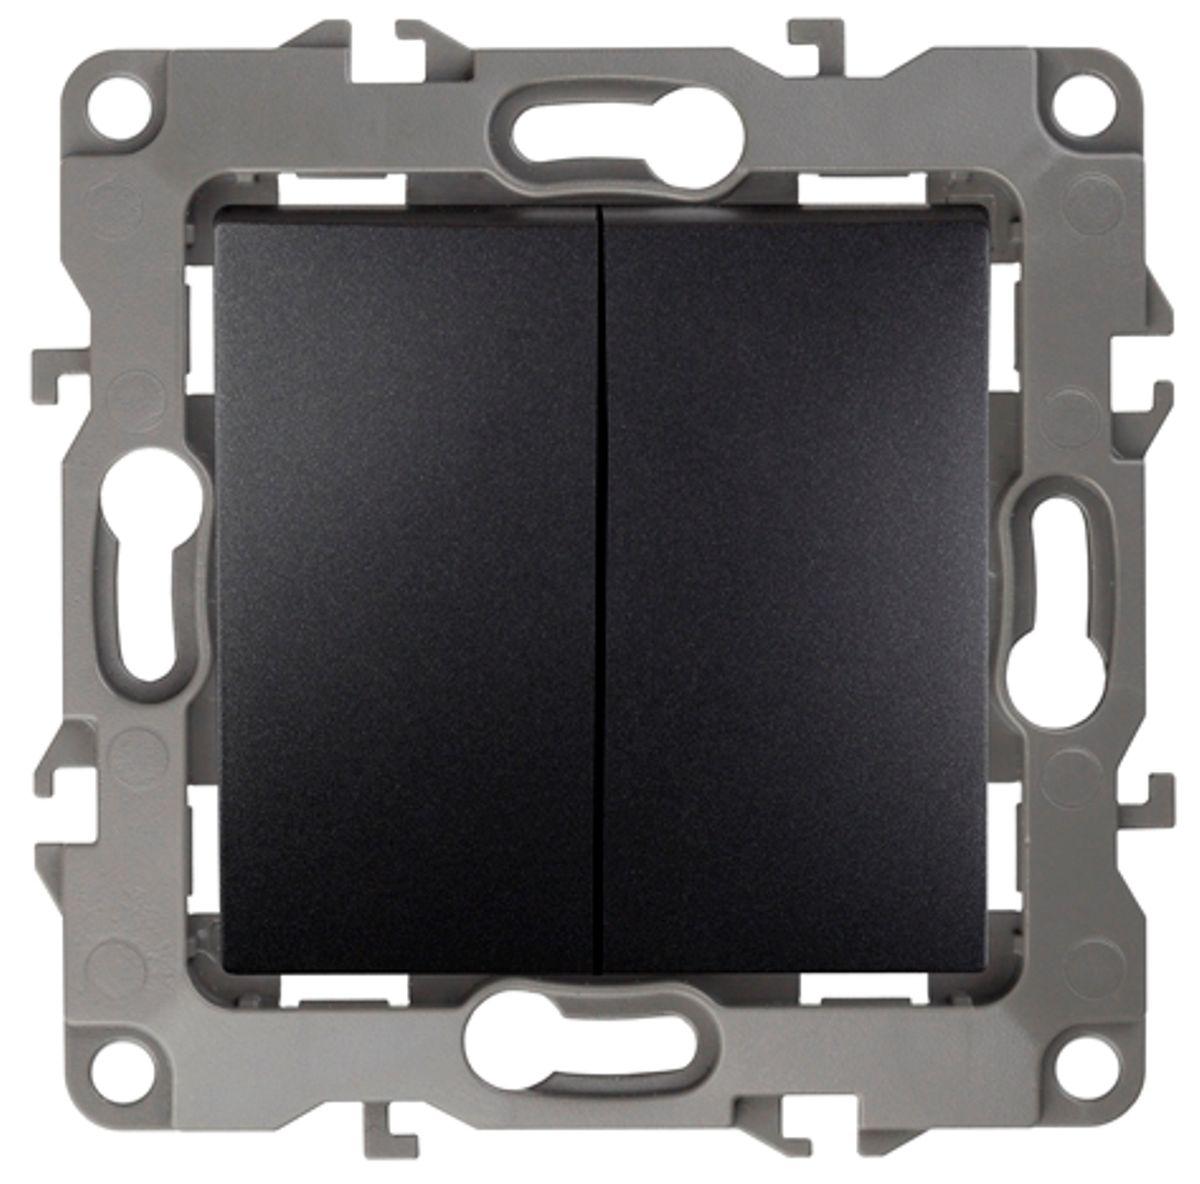 Выключатель ЭРА, двойной, цвет: антрацит, серый. 12-110412-1104-05Двойной выключатель ЭРА выполнен из прочного пластика, контакты бронзовые. Изделие просто в установке, надежно в эксплуатации. Выключатель имеет специальные фиксаторы, которые не дают ему смещаться как при монтаже, так и в процессе эксплуатации. Автоматические зажимы кабеля обеспечивают быстрый и надежный монтаж изделия к электросети без отвертки и не требуют обслуживания в отличие от винтовых зажимов.